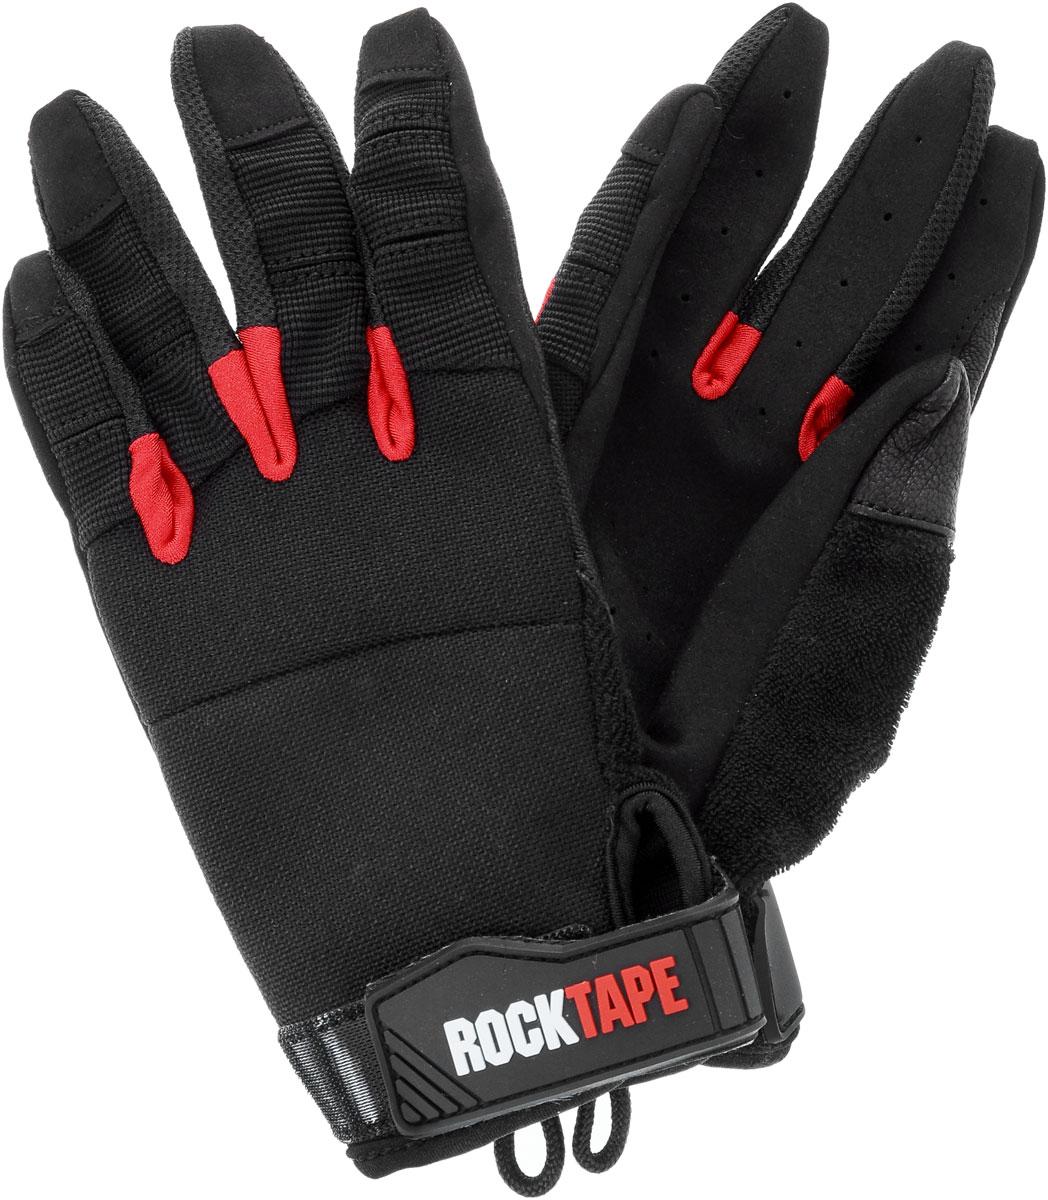 Перчатки Rocktape Talons, цвет: черный, красный. Размер XSRTTls-XSRocktape Talons - это функциональные перчатки для спорта. Руль велосипеда, турник, штанга - за что бы вы ни взялись, перчатки обеспечат максимальную защиту и поддержку! Уверенный хват и больше никаких стертых рук, волдырей и мозолей! Особенности перчаток: Дружелюбны к сенсорным экранам. Без швов на ладонях. Силиконовая накладка false-grip поможет в выходах силой. Защита большого пальца при захвате штанги. Впитывают пот. Дышащий материал по боковым поверхностям пальцев. Удобные петли. Рассчитаны на работу с мелом. Обхват ладони ниже костяшки: 15 см.